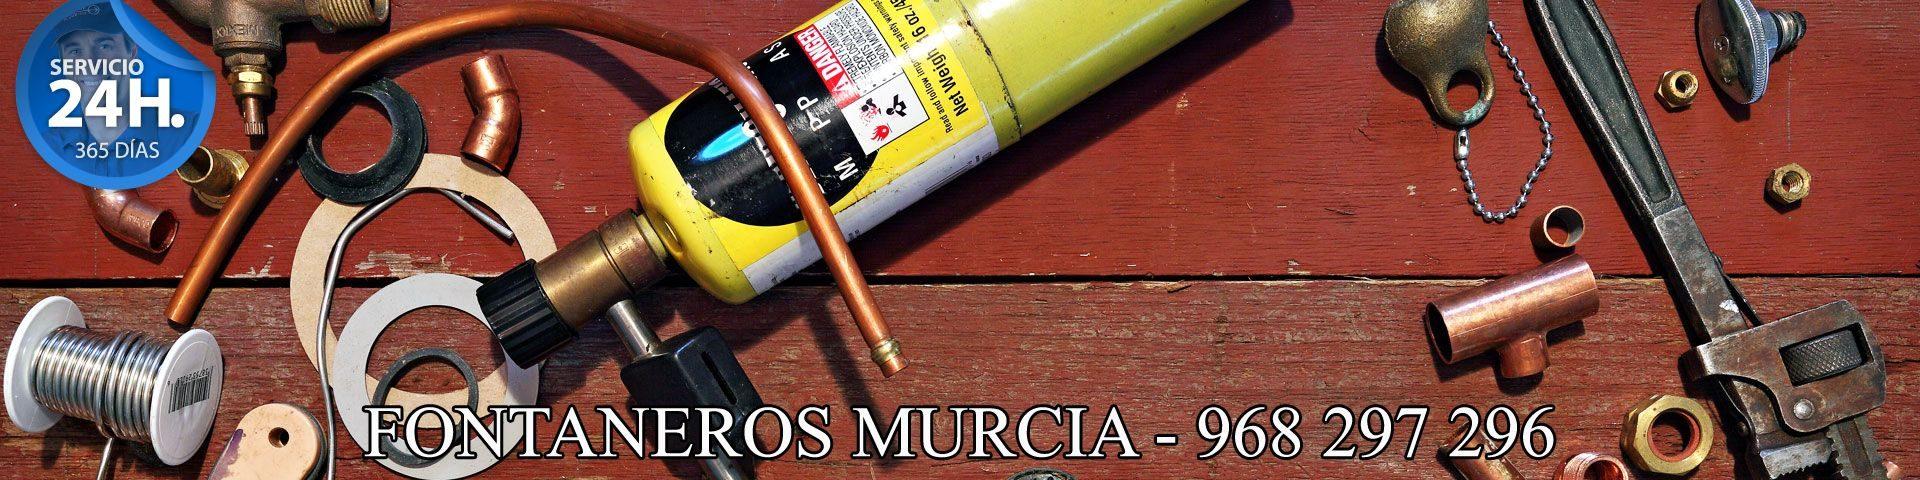 Fontaneros Murcia